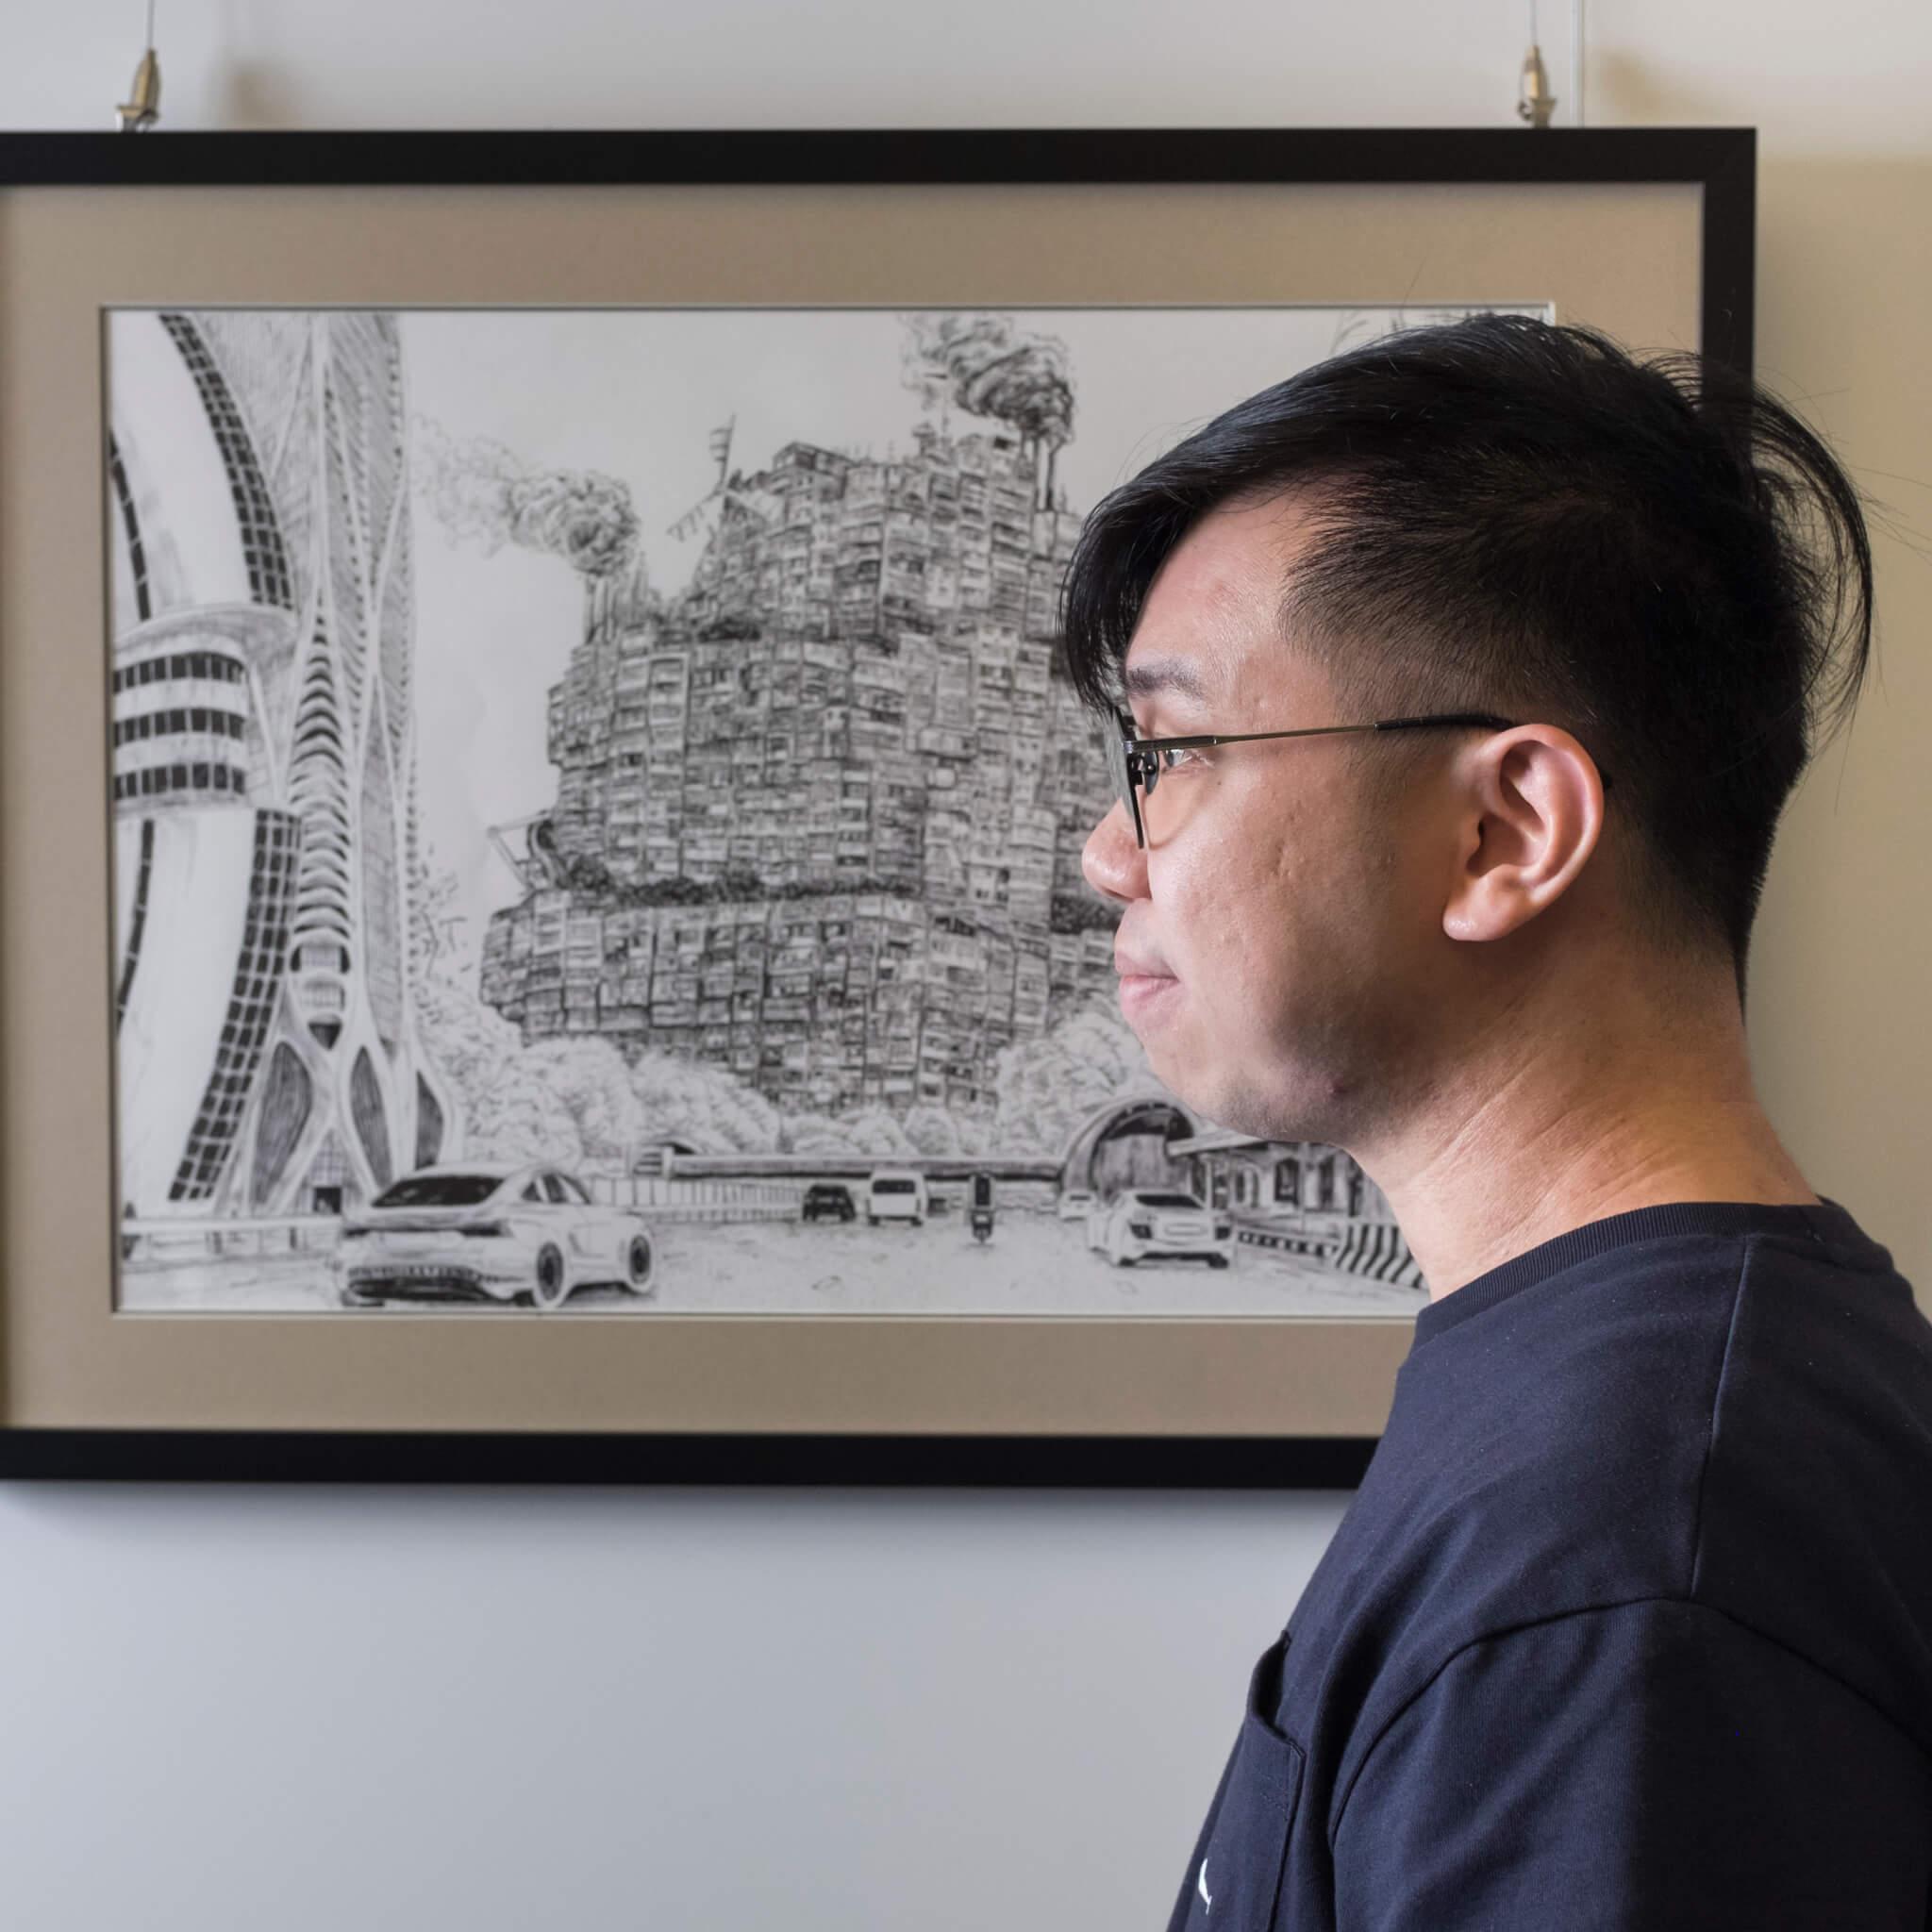 Pen So 2016年出版首部繪本《香港災難》,翌年與余兒出版《九龍城寨:浪漫大逃亡》。